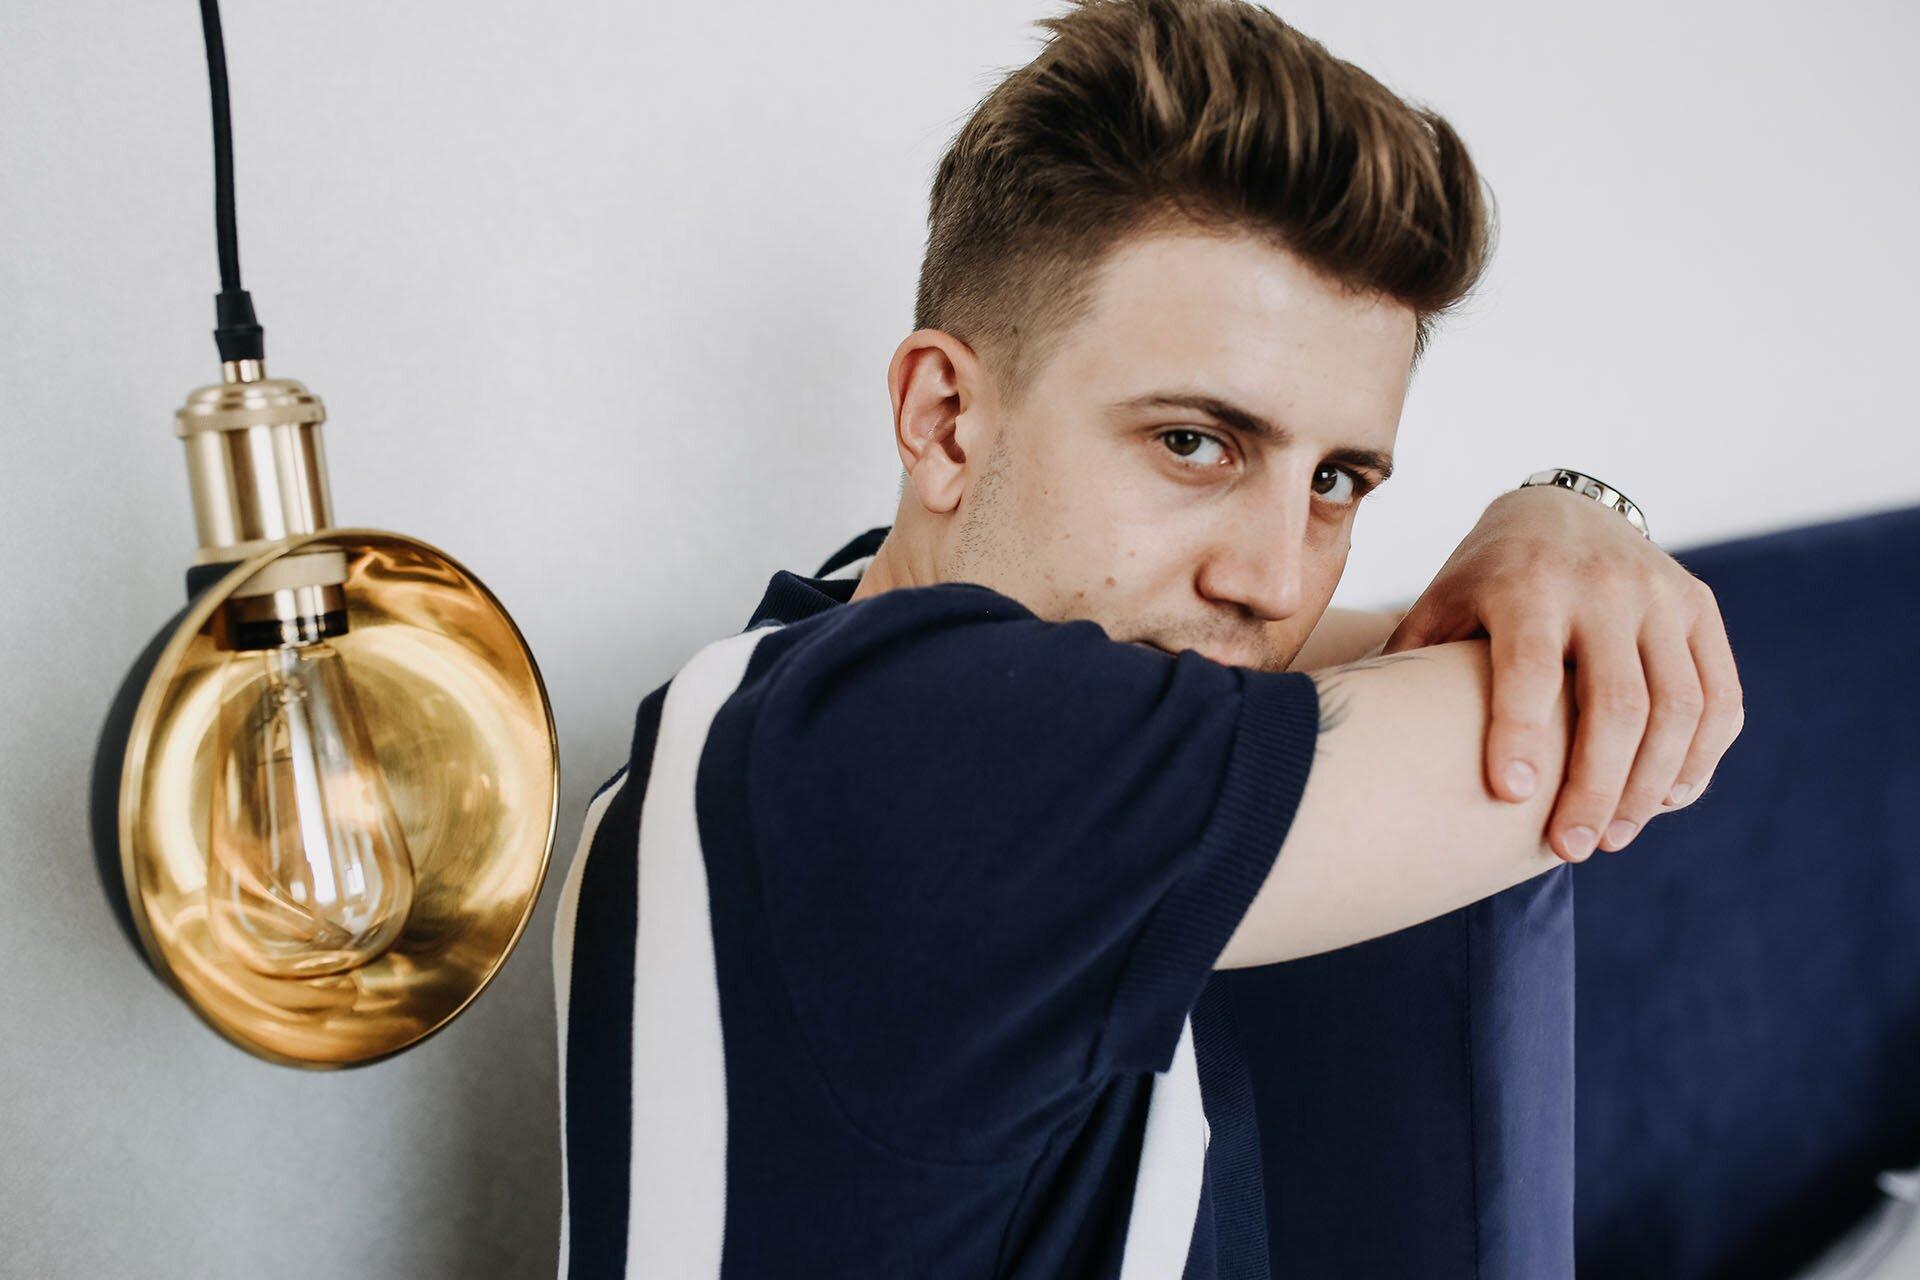 Pasiaste polo, Moda męska, Modny mężczyzna, Blog o modzie męskiej, Lato moda męska 2018, Gmale by Grzegorz Paliś